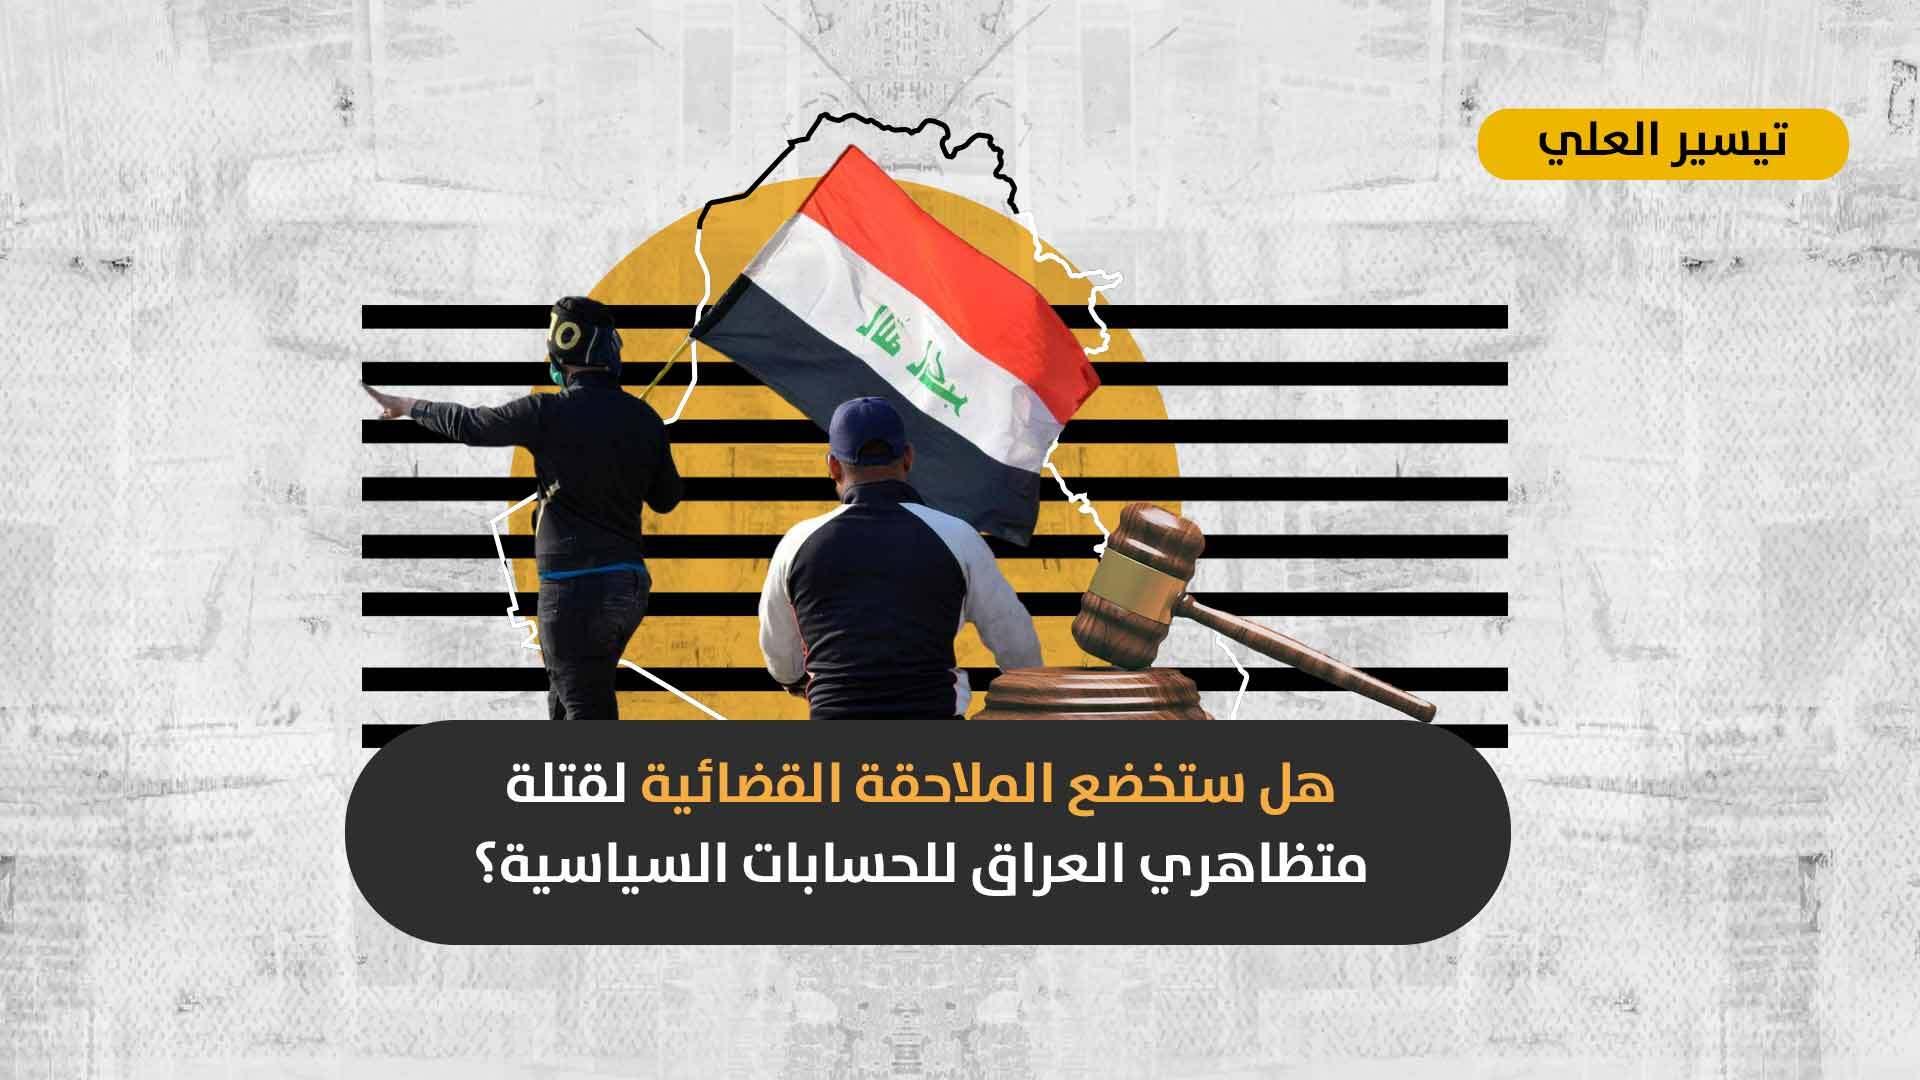 وسط تشكيك شعبي بنتائج التحقيقات: هل تراجعت حكومة الكاظمي عن وعودها بملاحقة قتلة المتظاهرين العراقيين؟